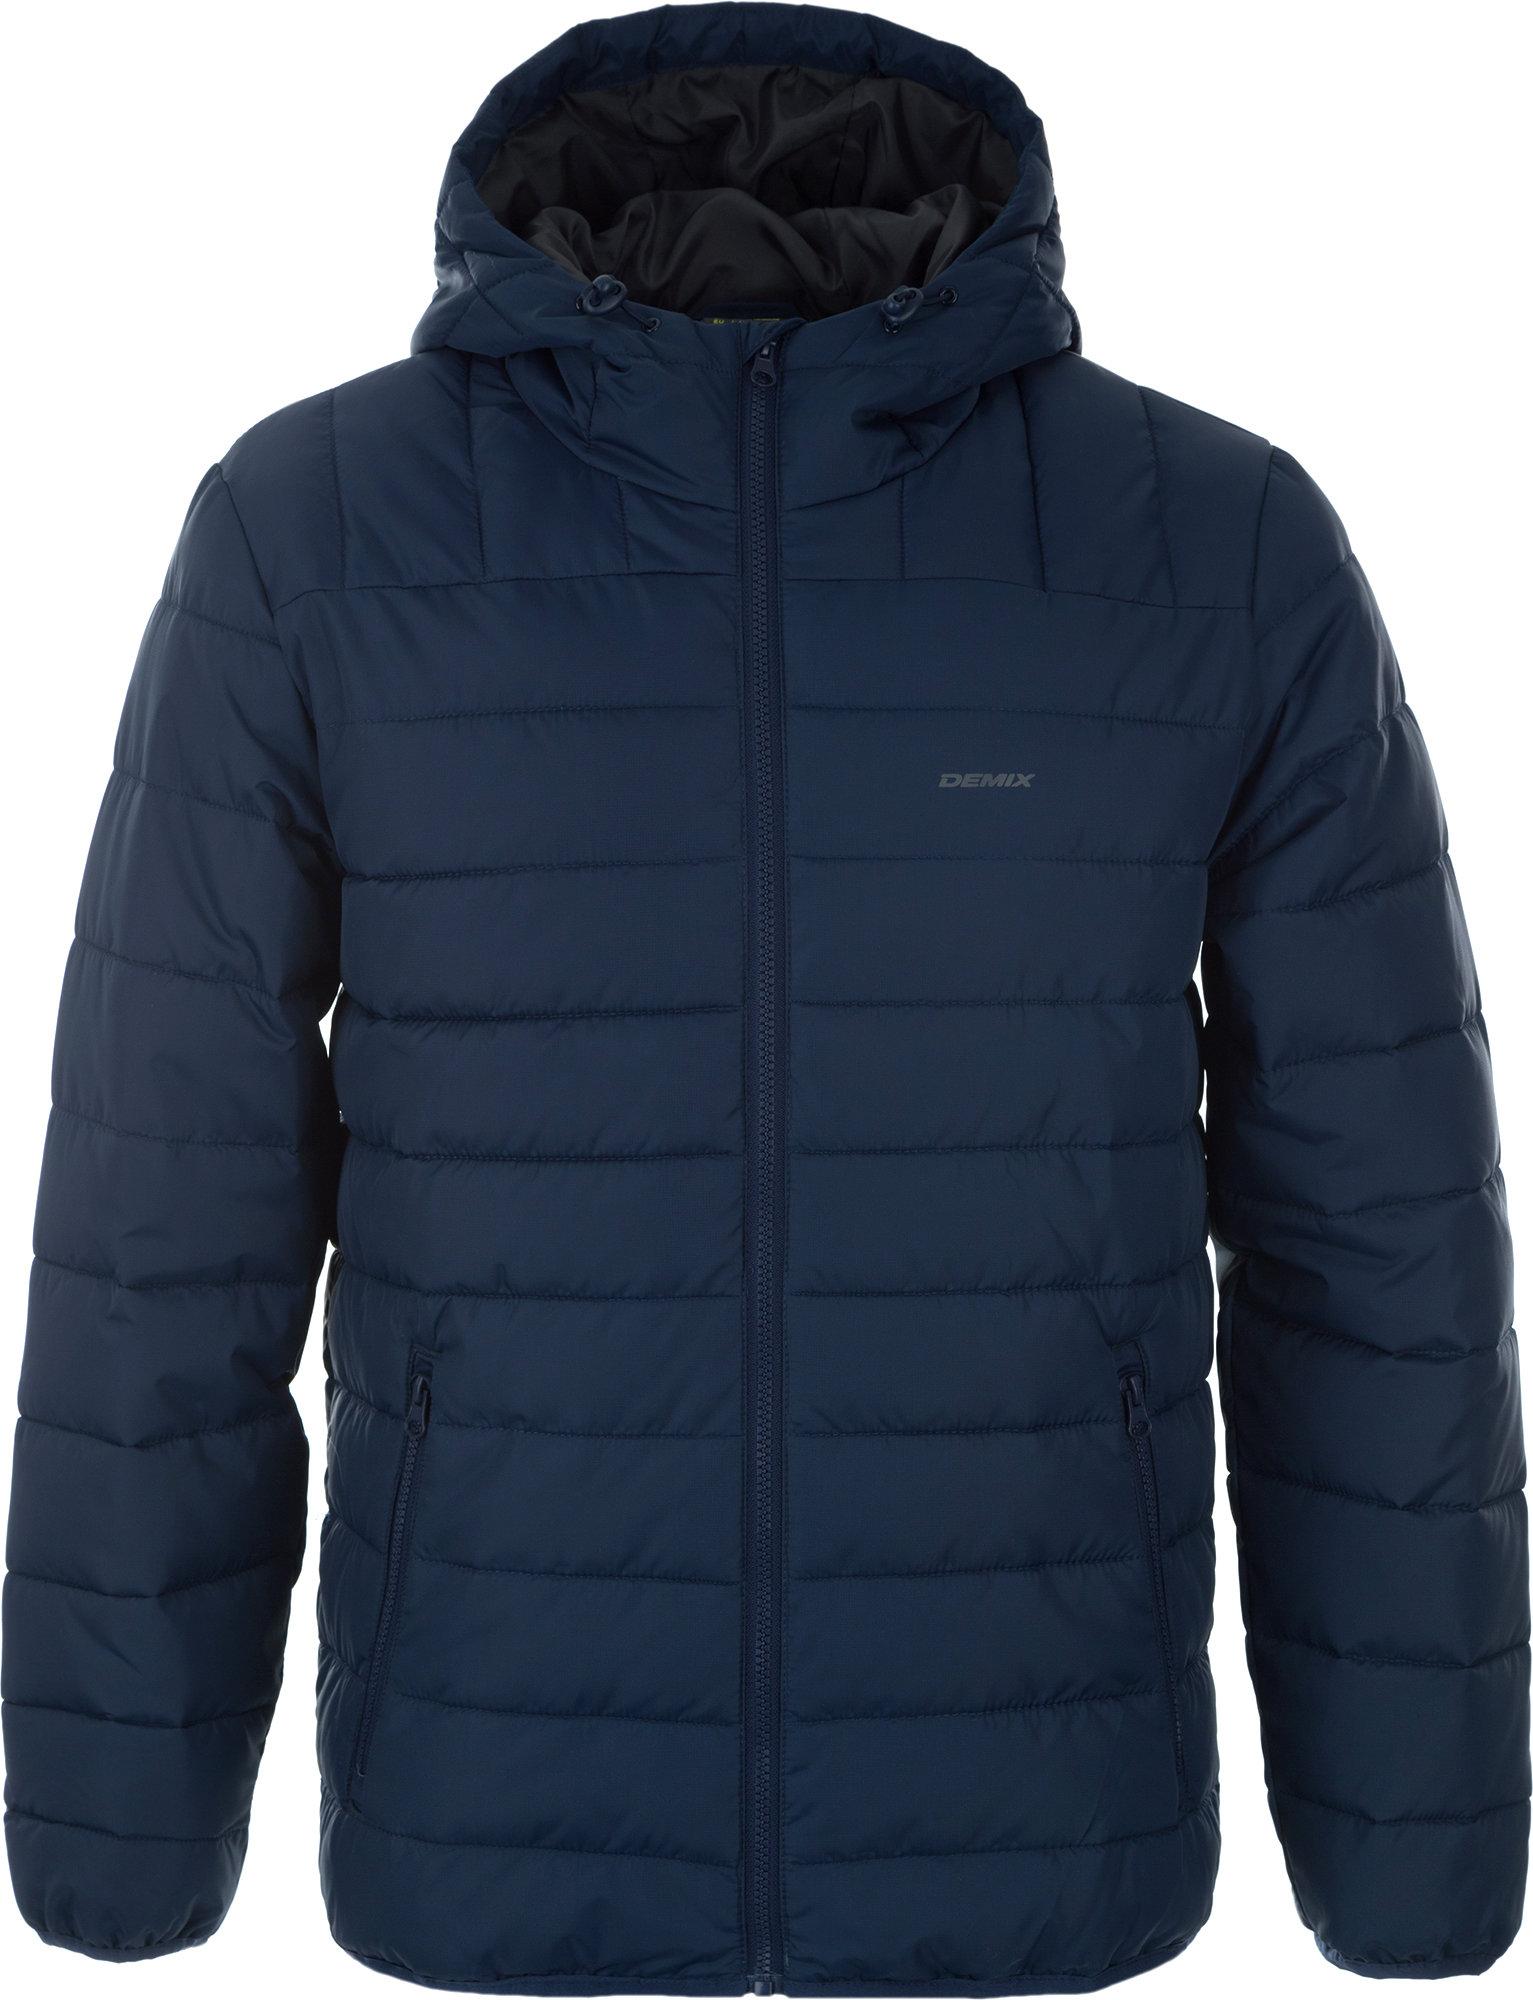 Куртка Demix — купить по выгодной цене на Яндекс.Маркете